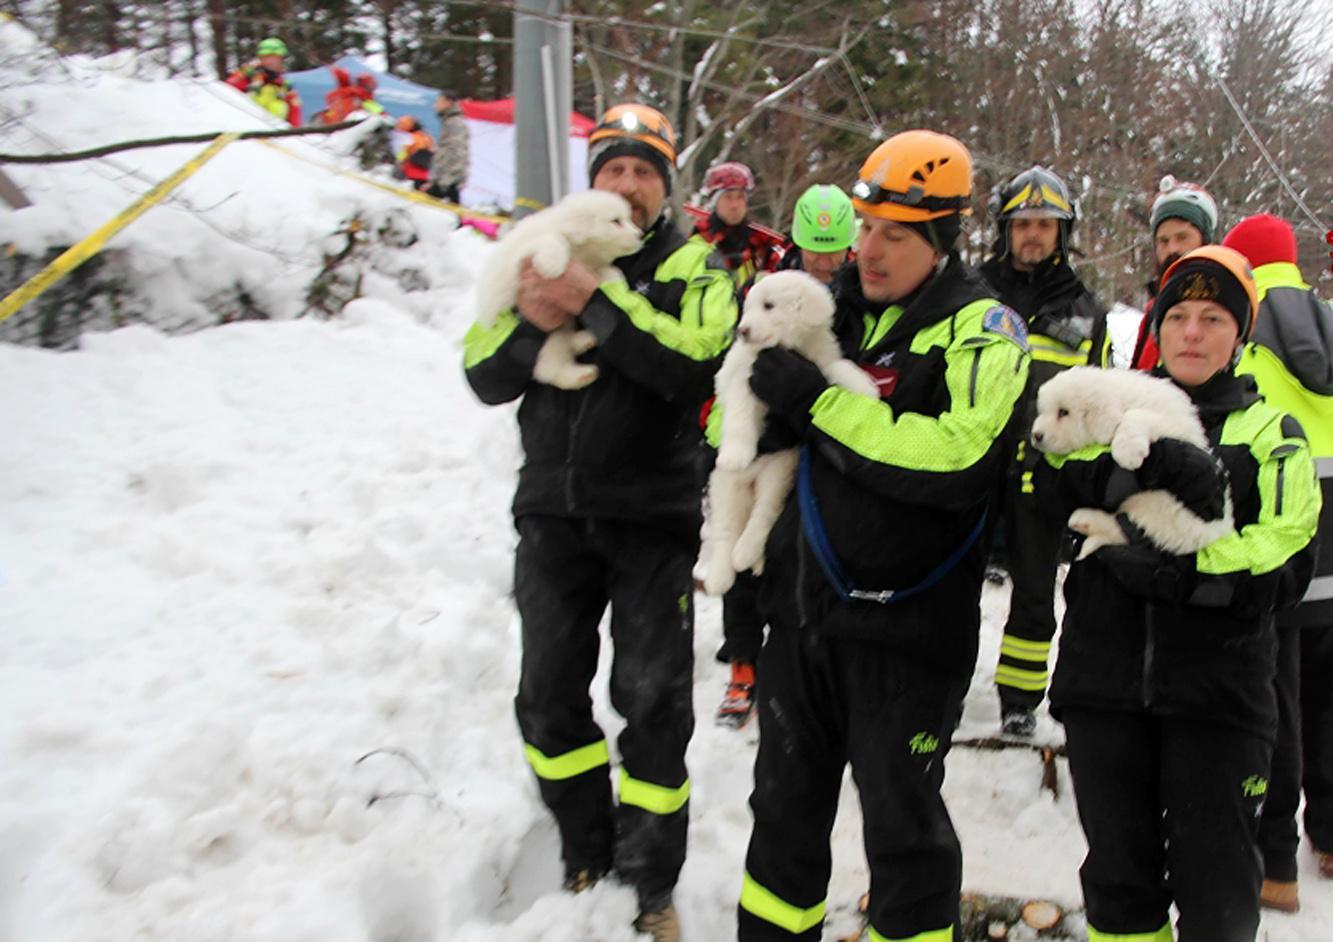 Rigopiano : i soccorritori trovano vivi i tre piccoli cuccioli